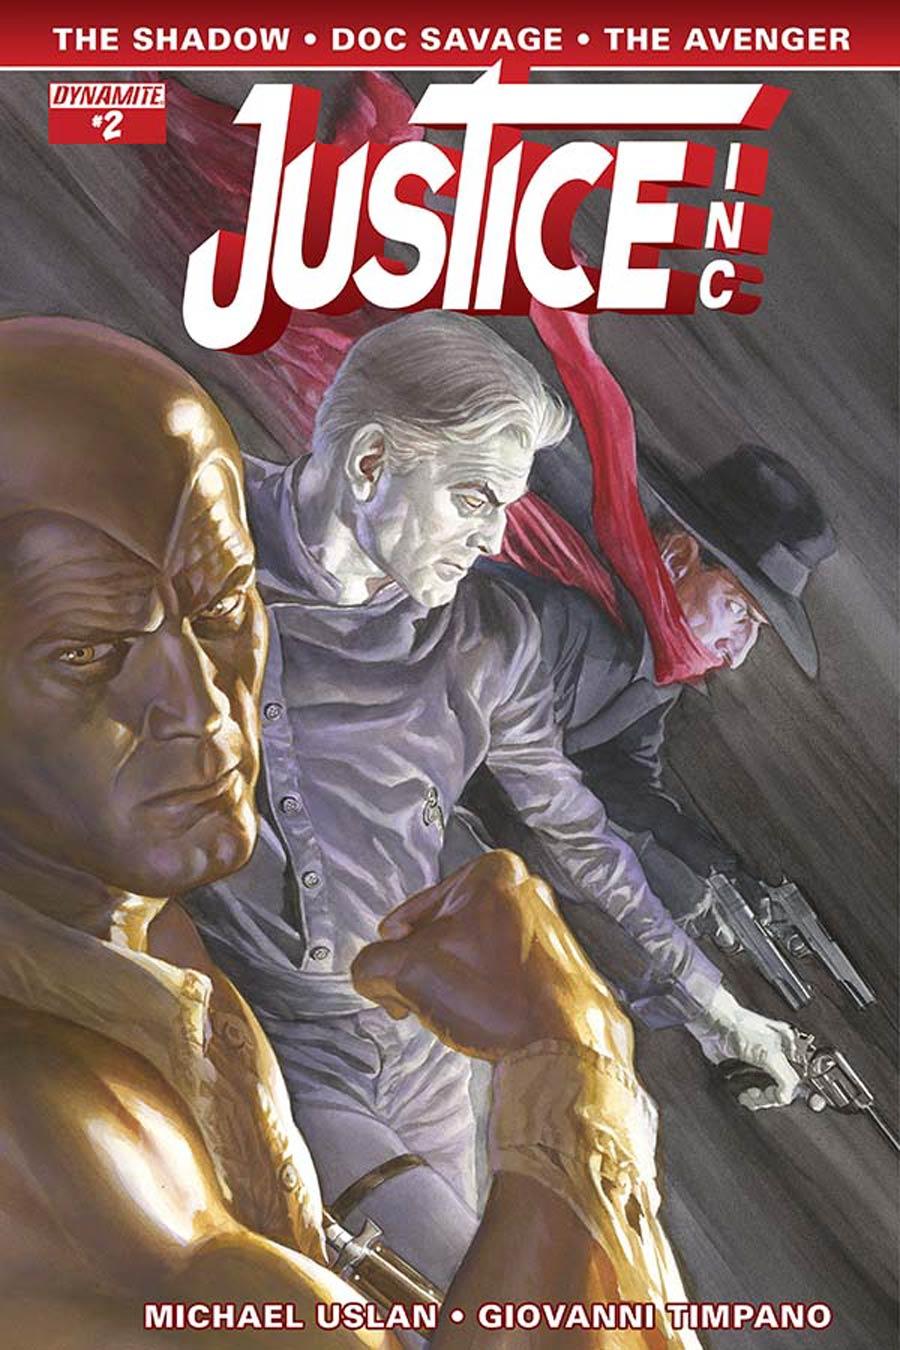 Justice Inc Vol 3 #2 Cover A Regular Alex Ross Cover